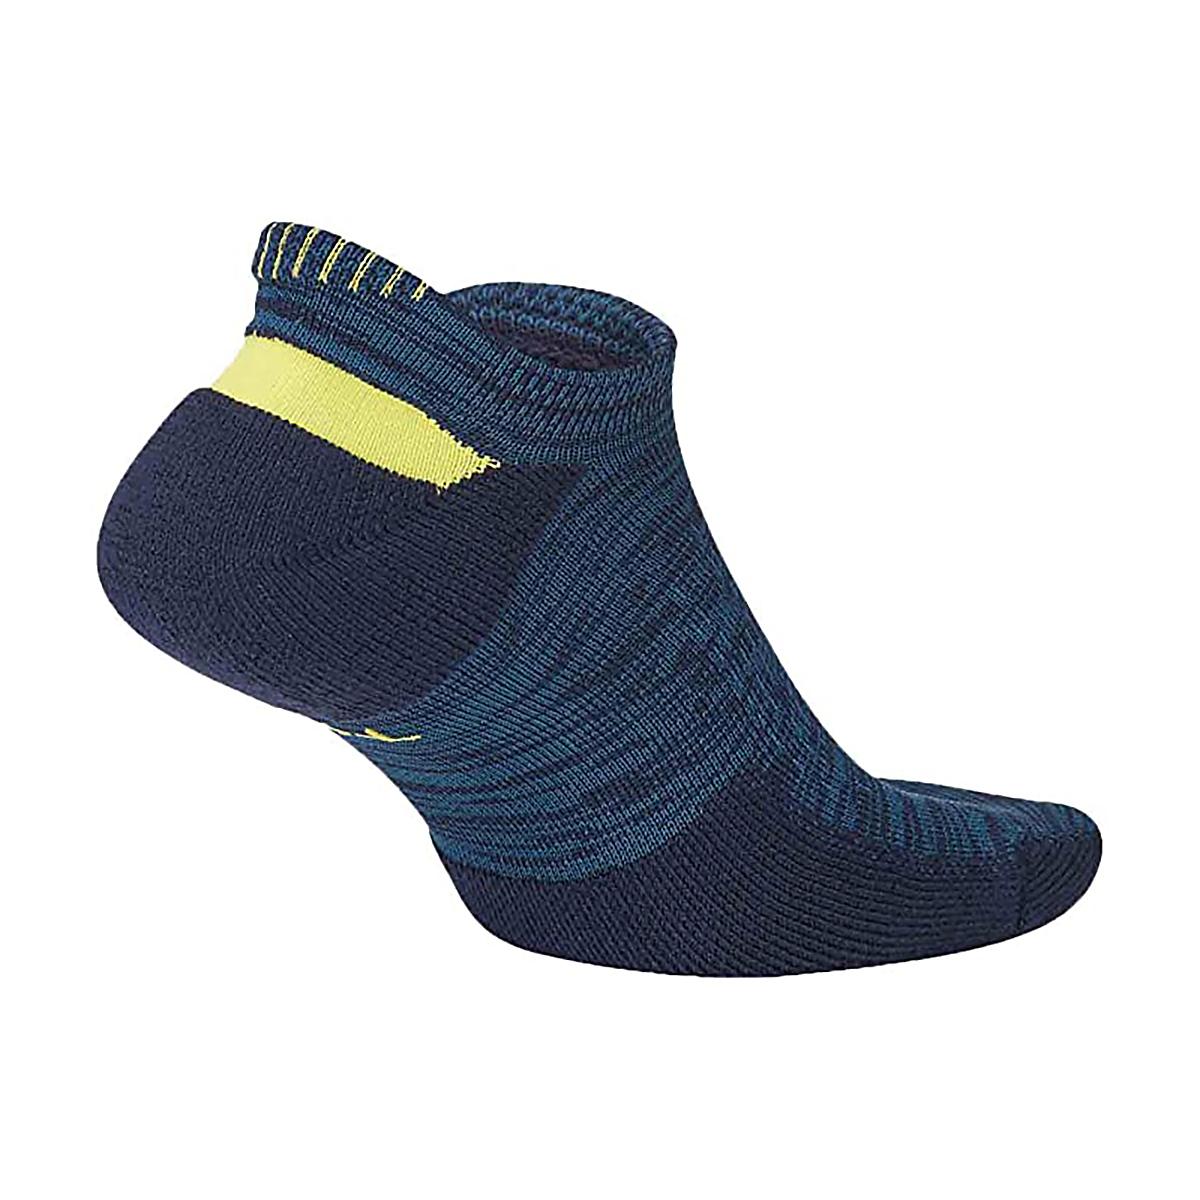 Nike Elite Cushioned No-Show Socks - Color: Blackened Blue - Size: 4/5.5, Blackened Blue, large, image 2